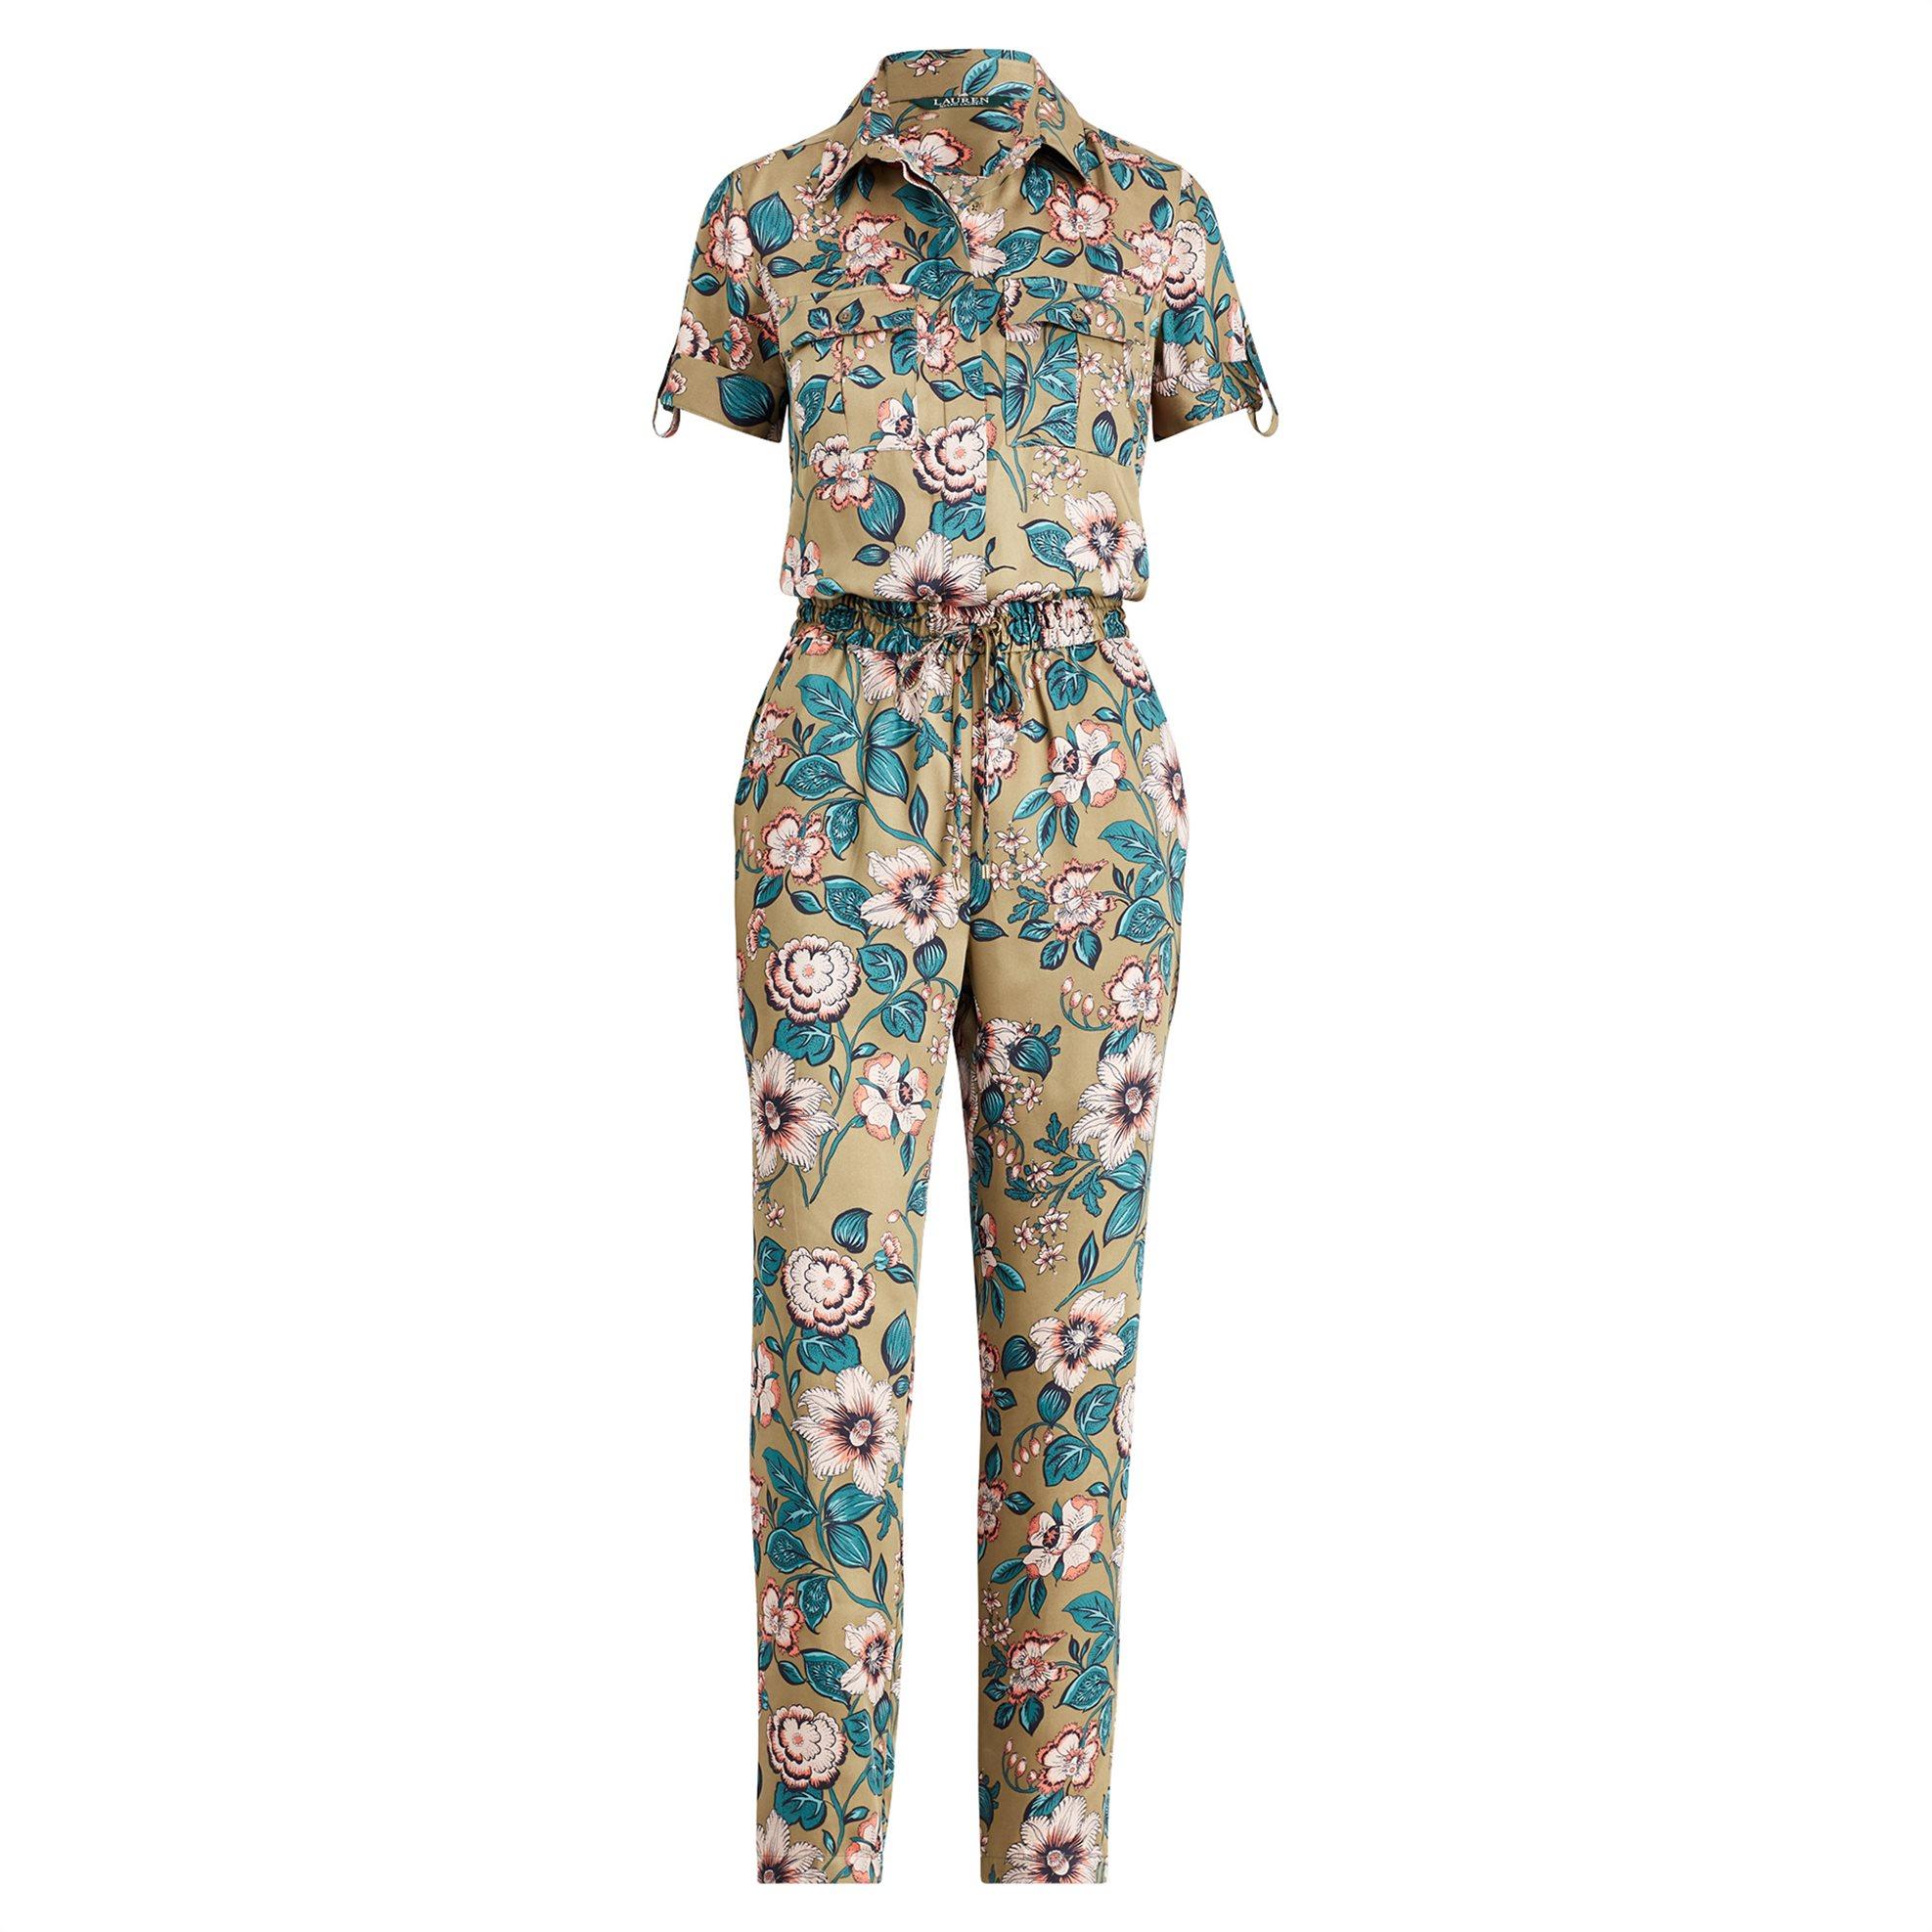 Lauren Ralph Lauren γυναικεία ολόσωμη φόρμα floral Twill Jumpsuit - 200717984001 γυναικα   ρουχα   ολόσωμες φόρμες   σαλοπέτες